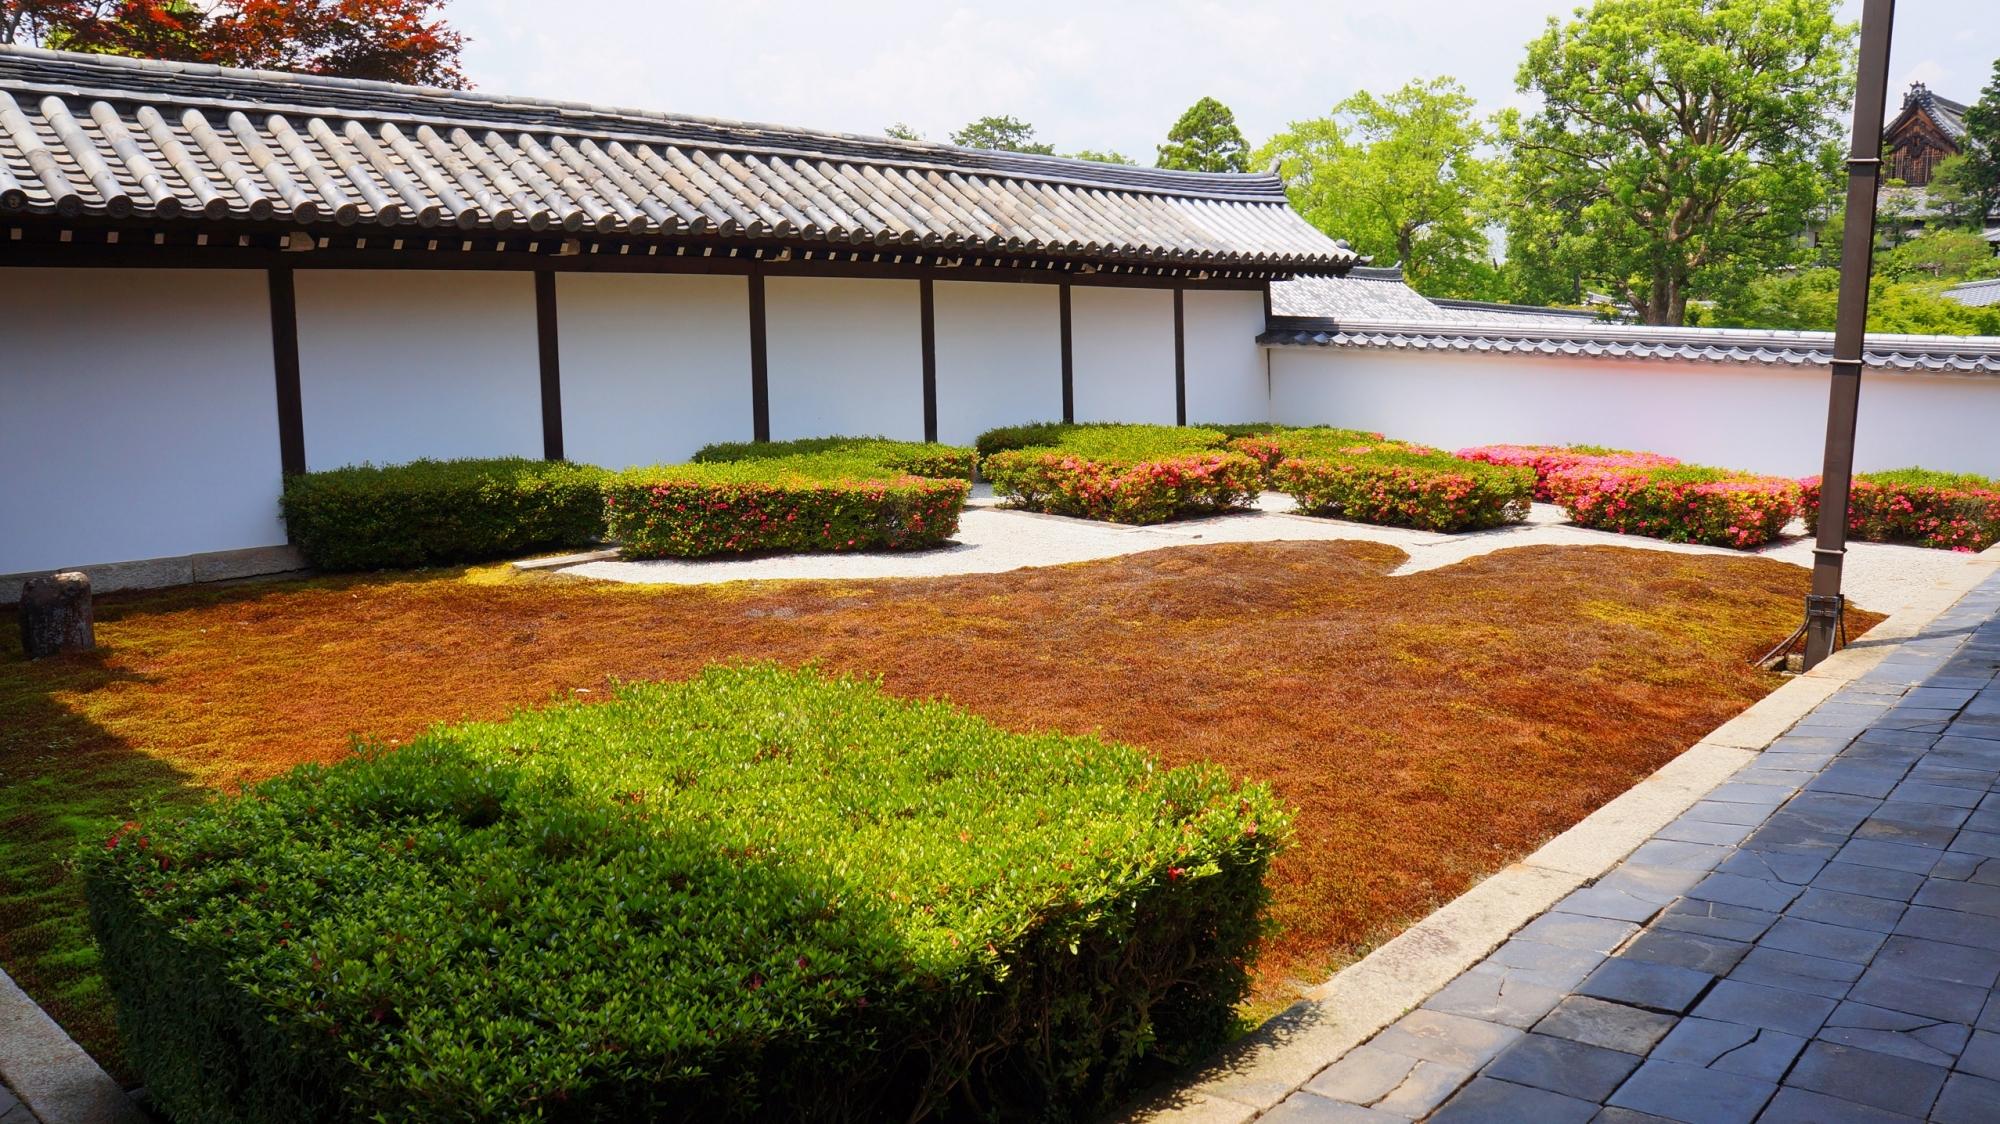 サツキの四角い刈り込みが特徴的な東福寺の方丈庭園の西庭